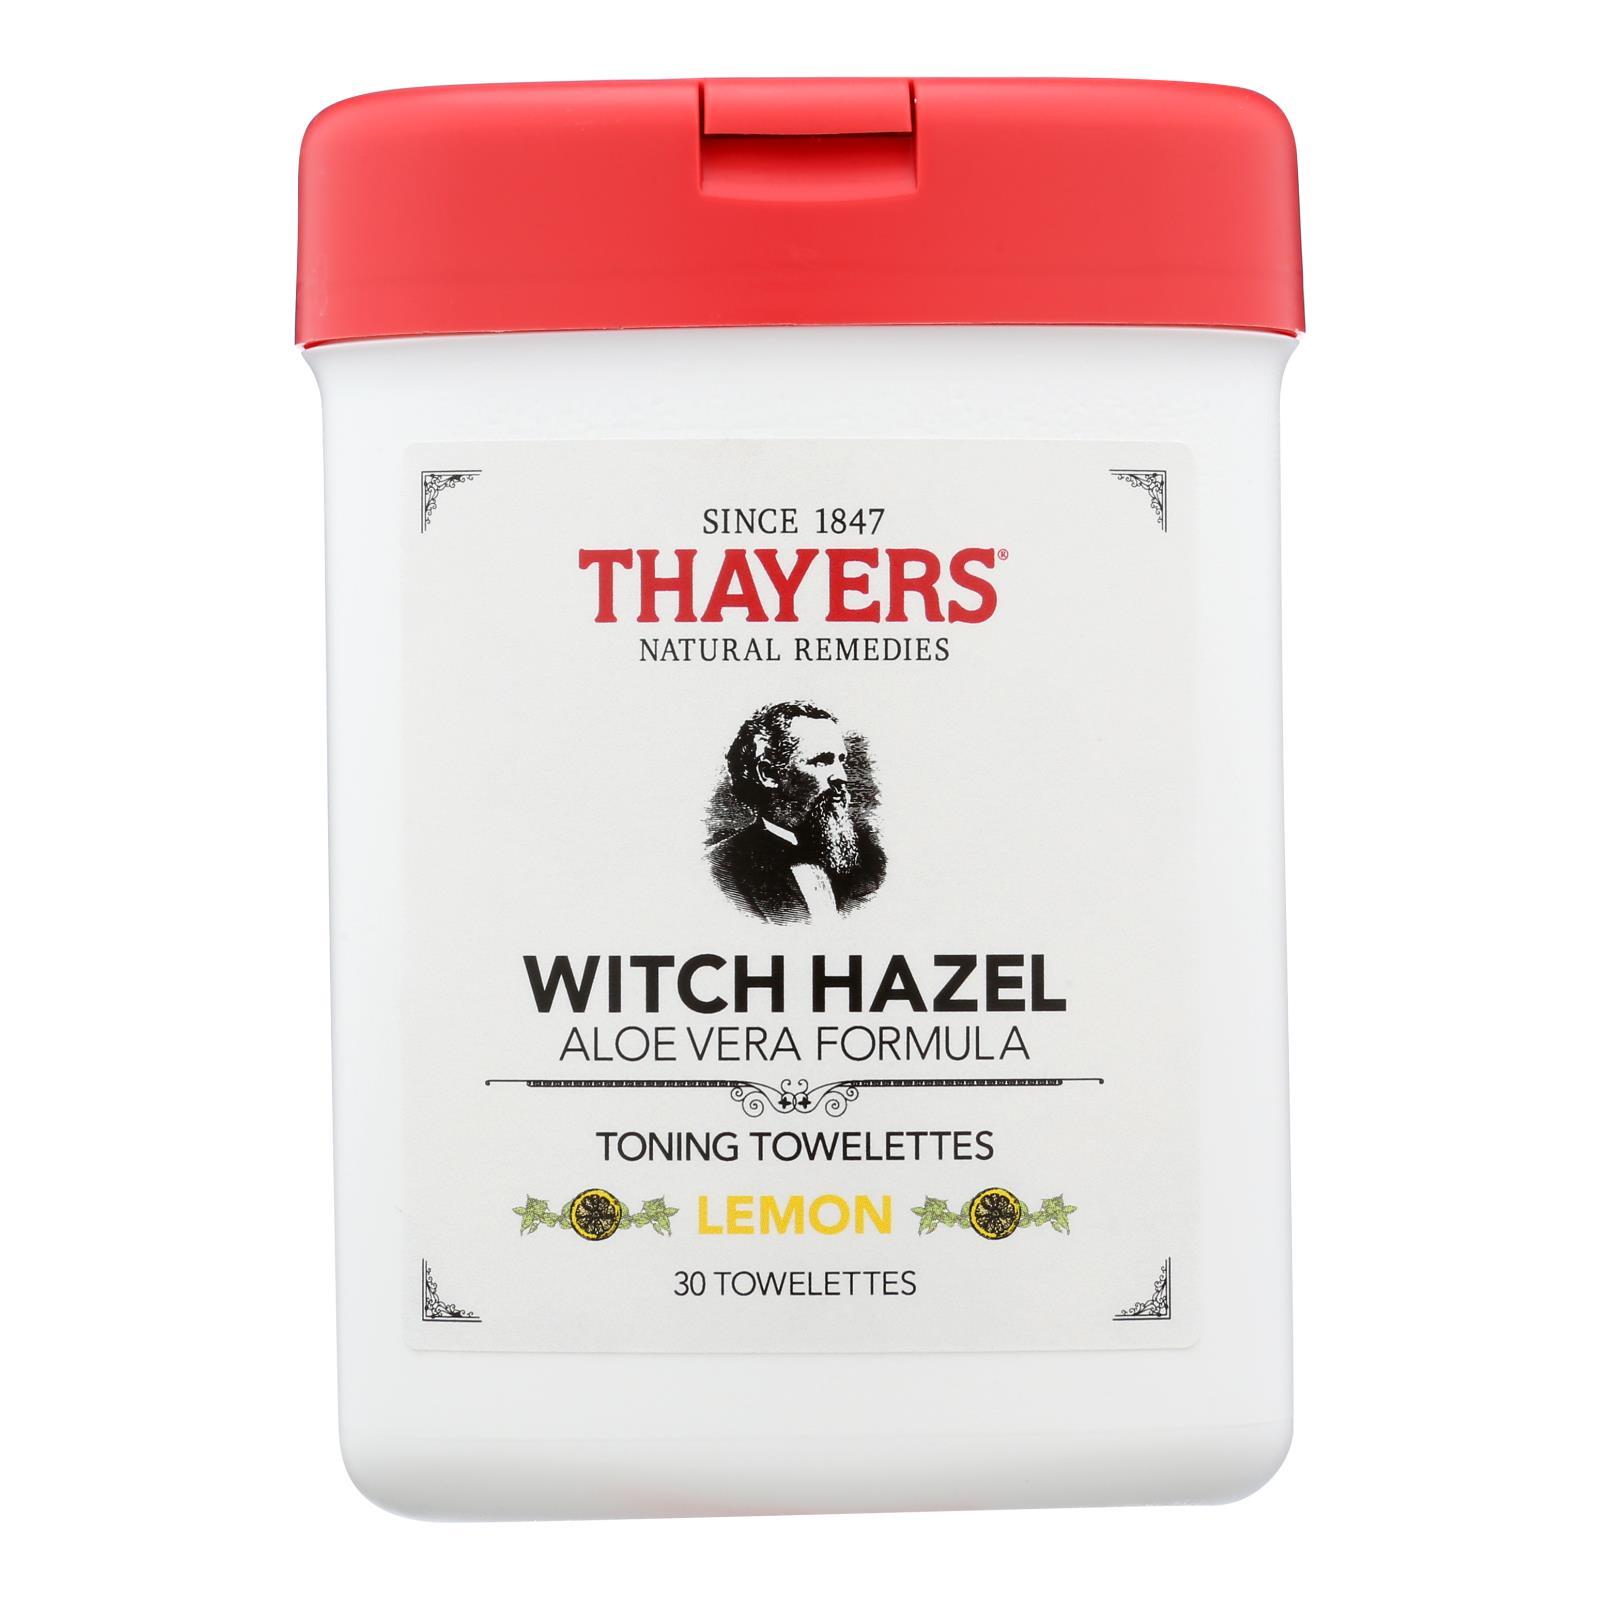 Thayers - Toner Twlttes Lemon - 1 Each - 30 CT